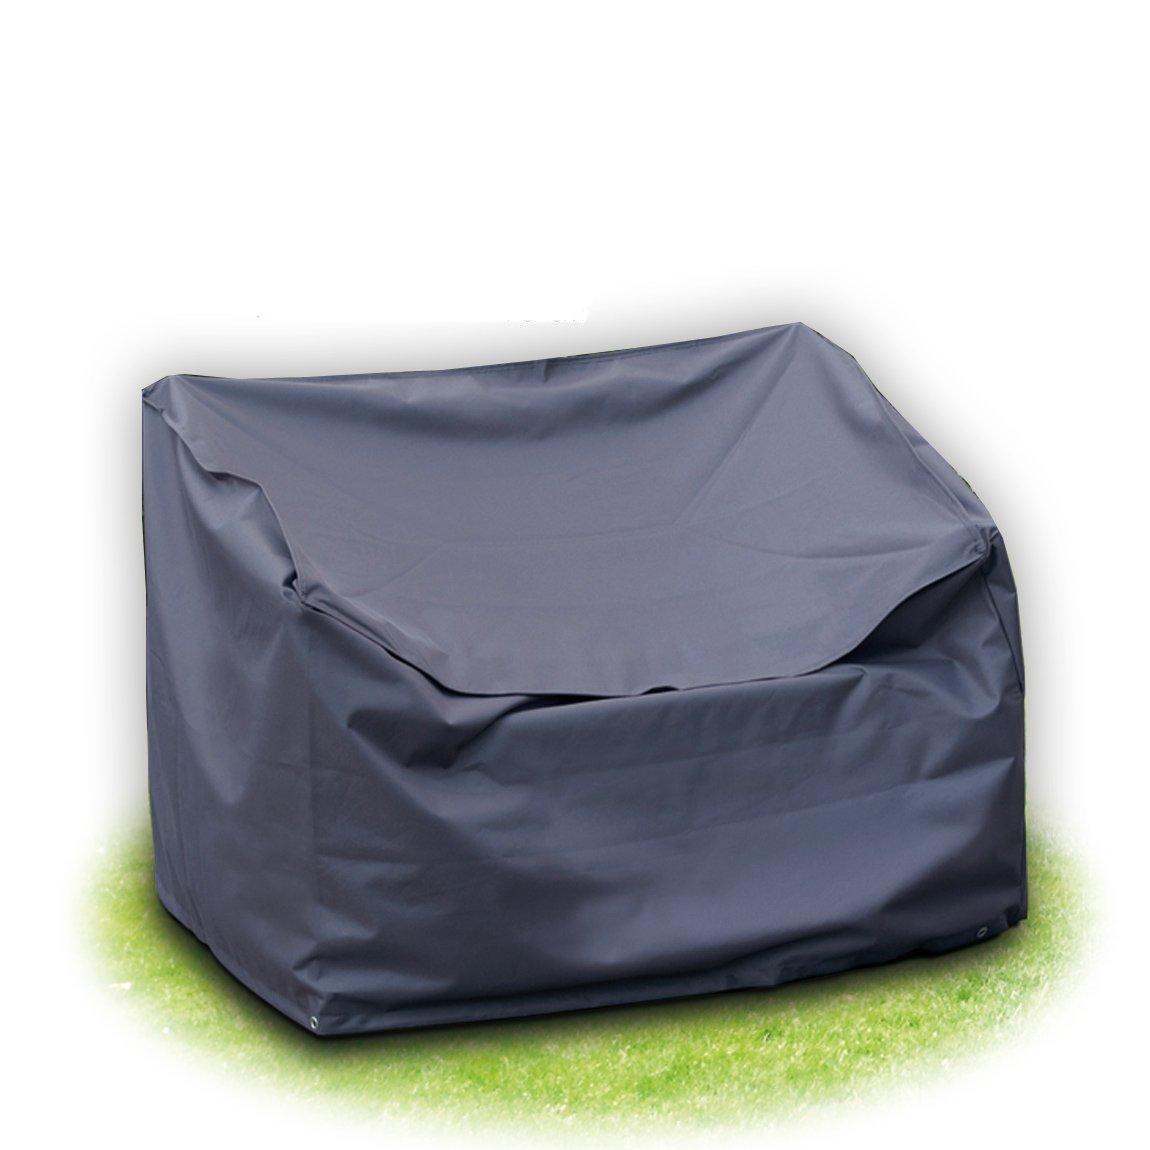 Schutzhülle für Gartenbank 120x78x80 cm 2-sitzer Grau aus Polyester Oxford 420D Gartenpirat